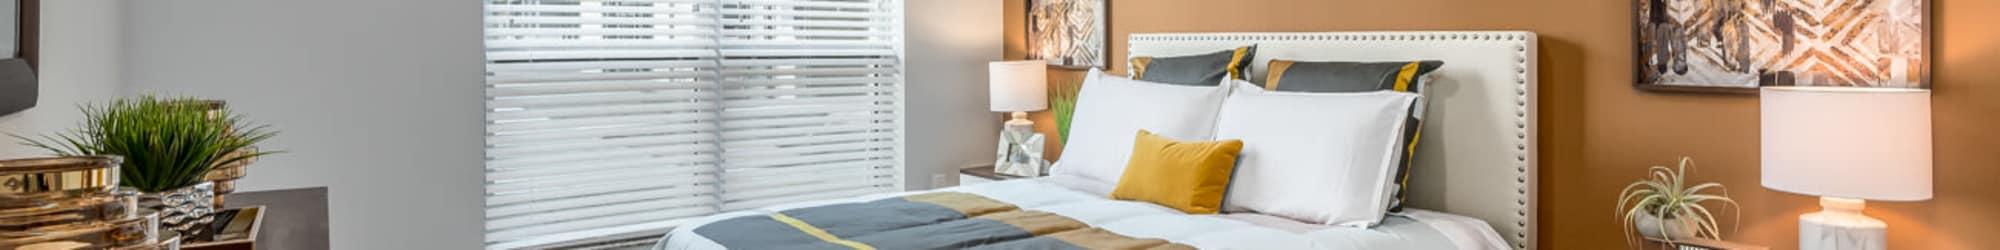 Floor plans at Echelon Luxury Apartments in Cincinnati, Ohio